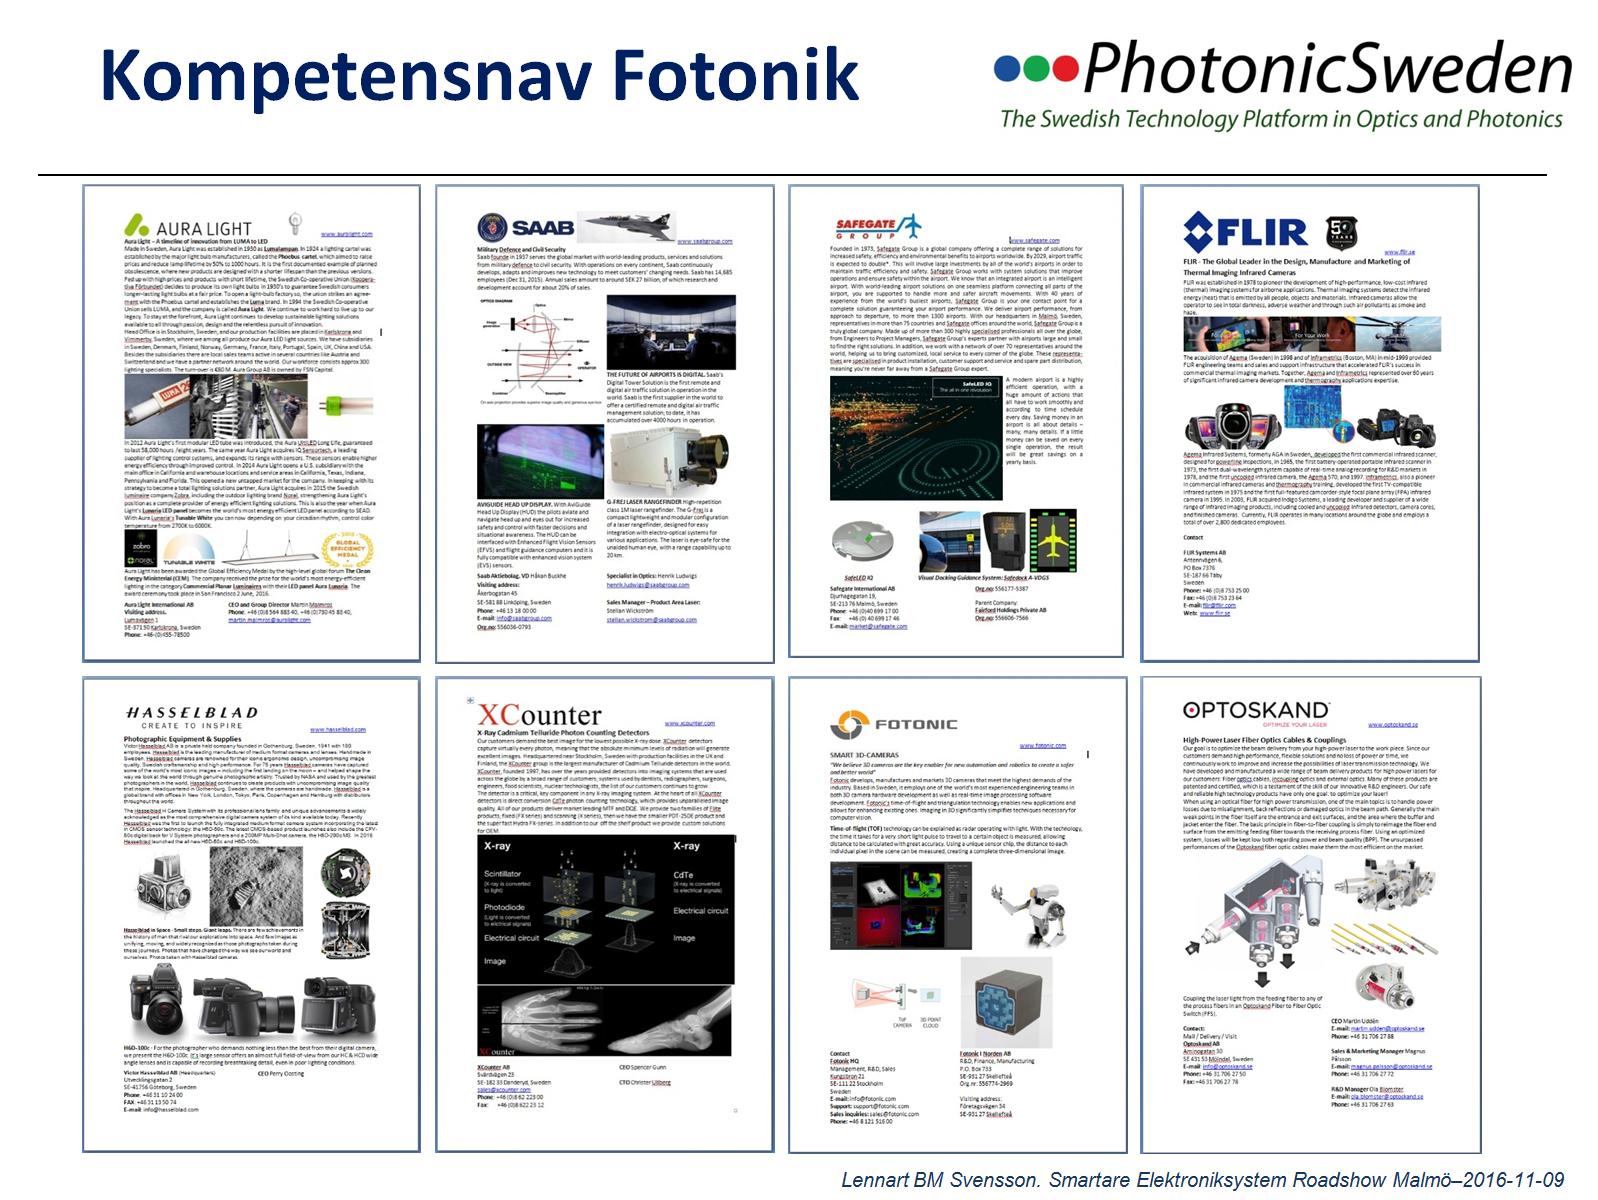 Kompetensnav - PhotonicSweden